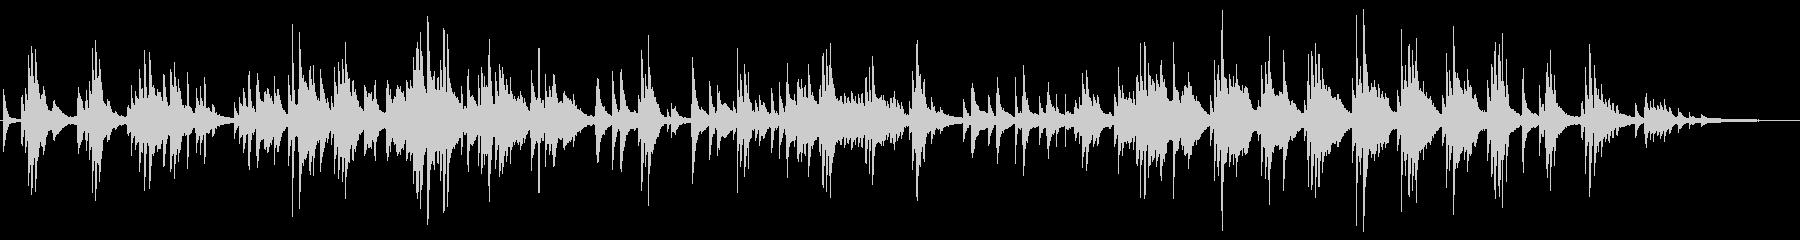 ヒーリング系 優しい旋律のピアノソロの未再生の波形